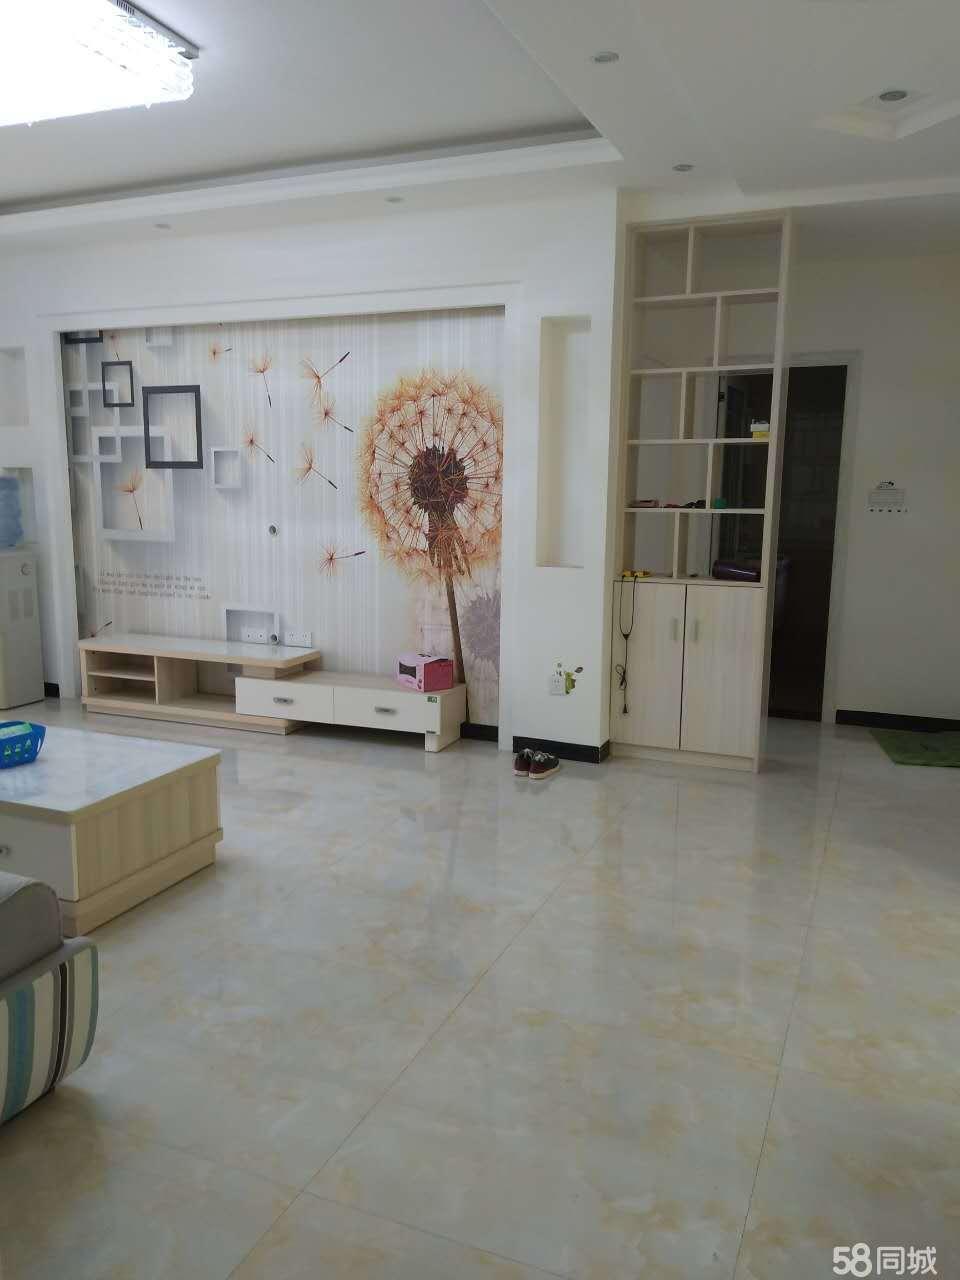 安居翰林尚品2室2厅105平米精装修押一付三